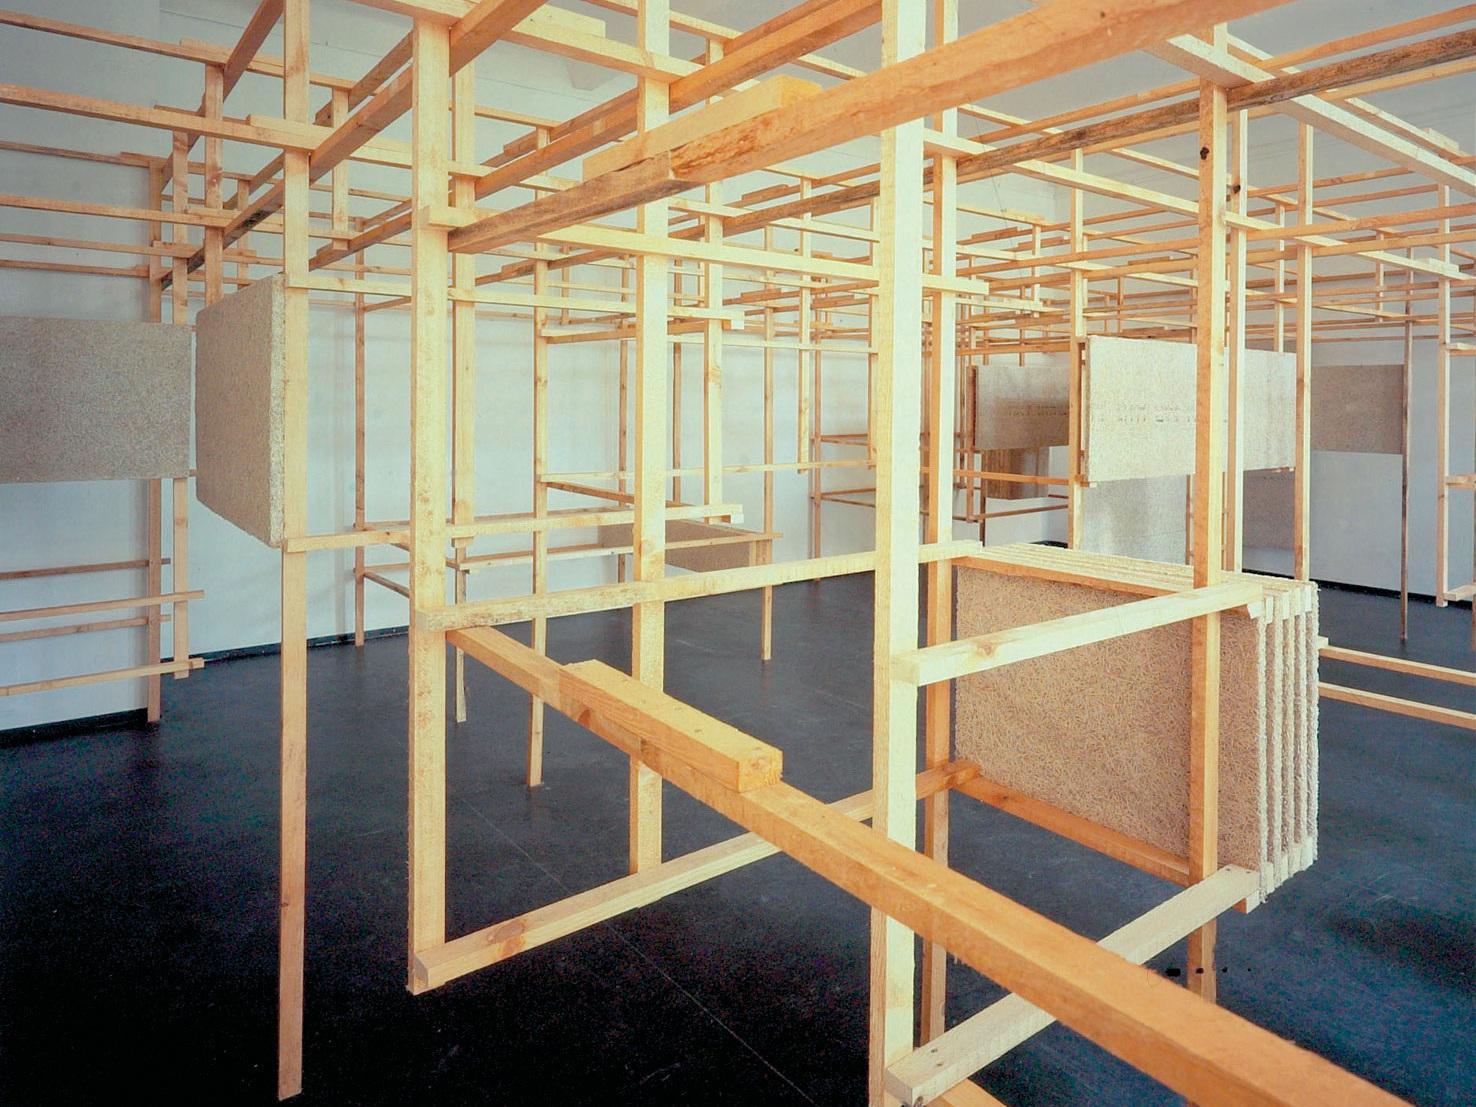 Kunstprojekt Büroauflösung mit Franka Hörnschemeyer - Installation